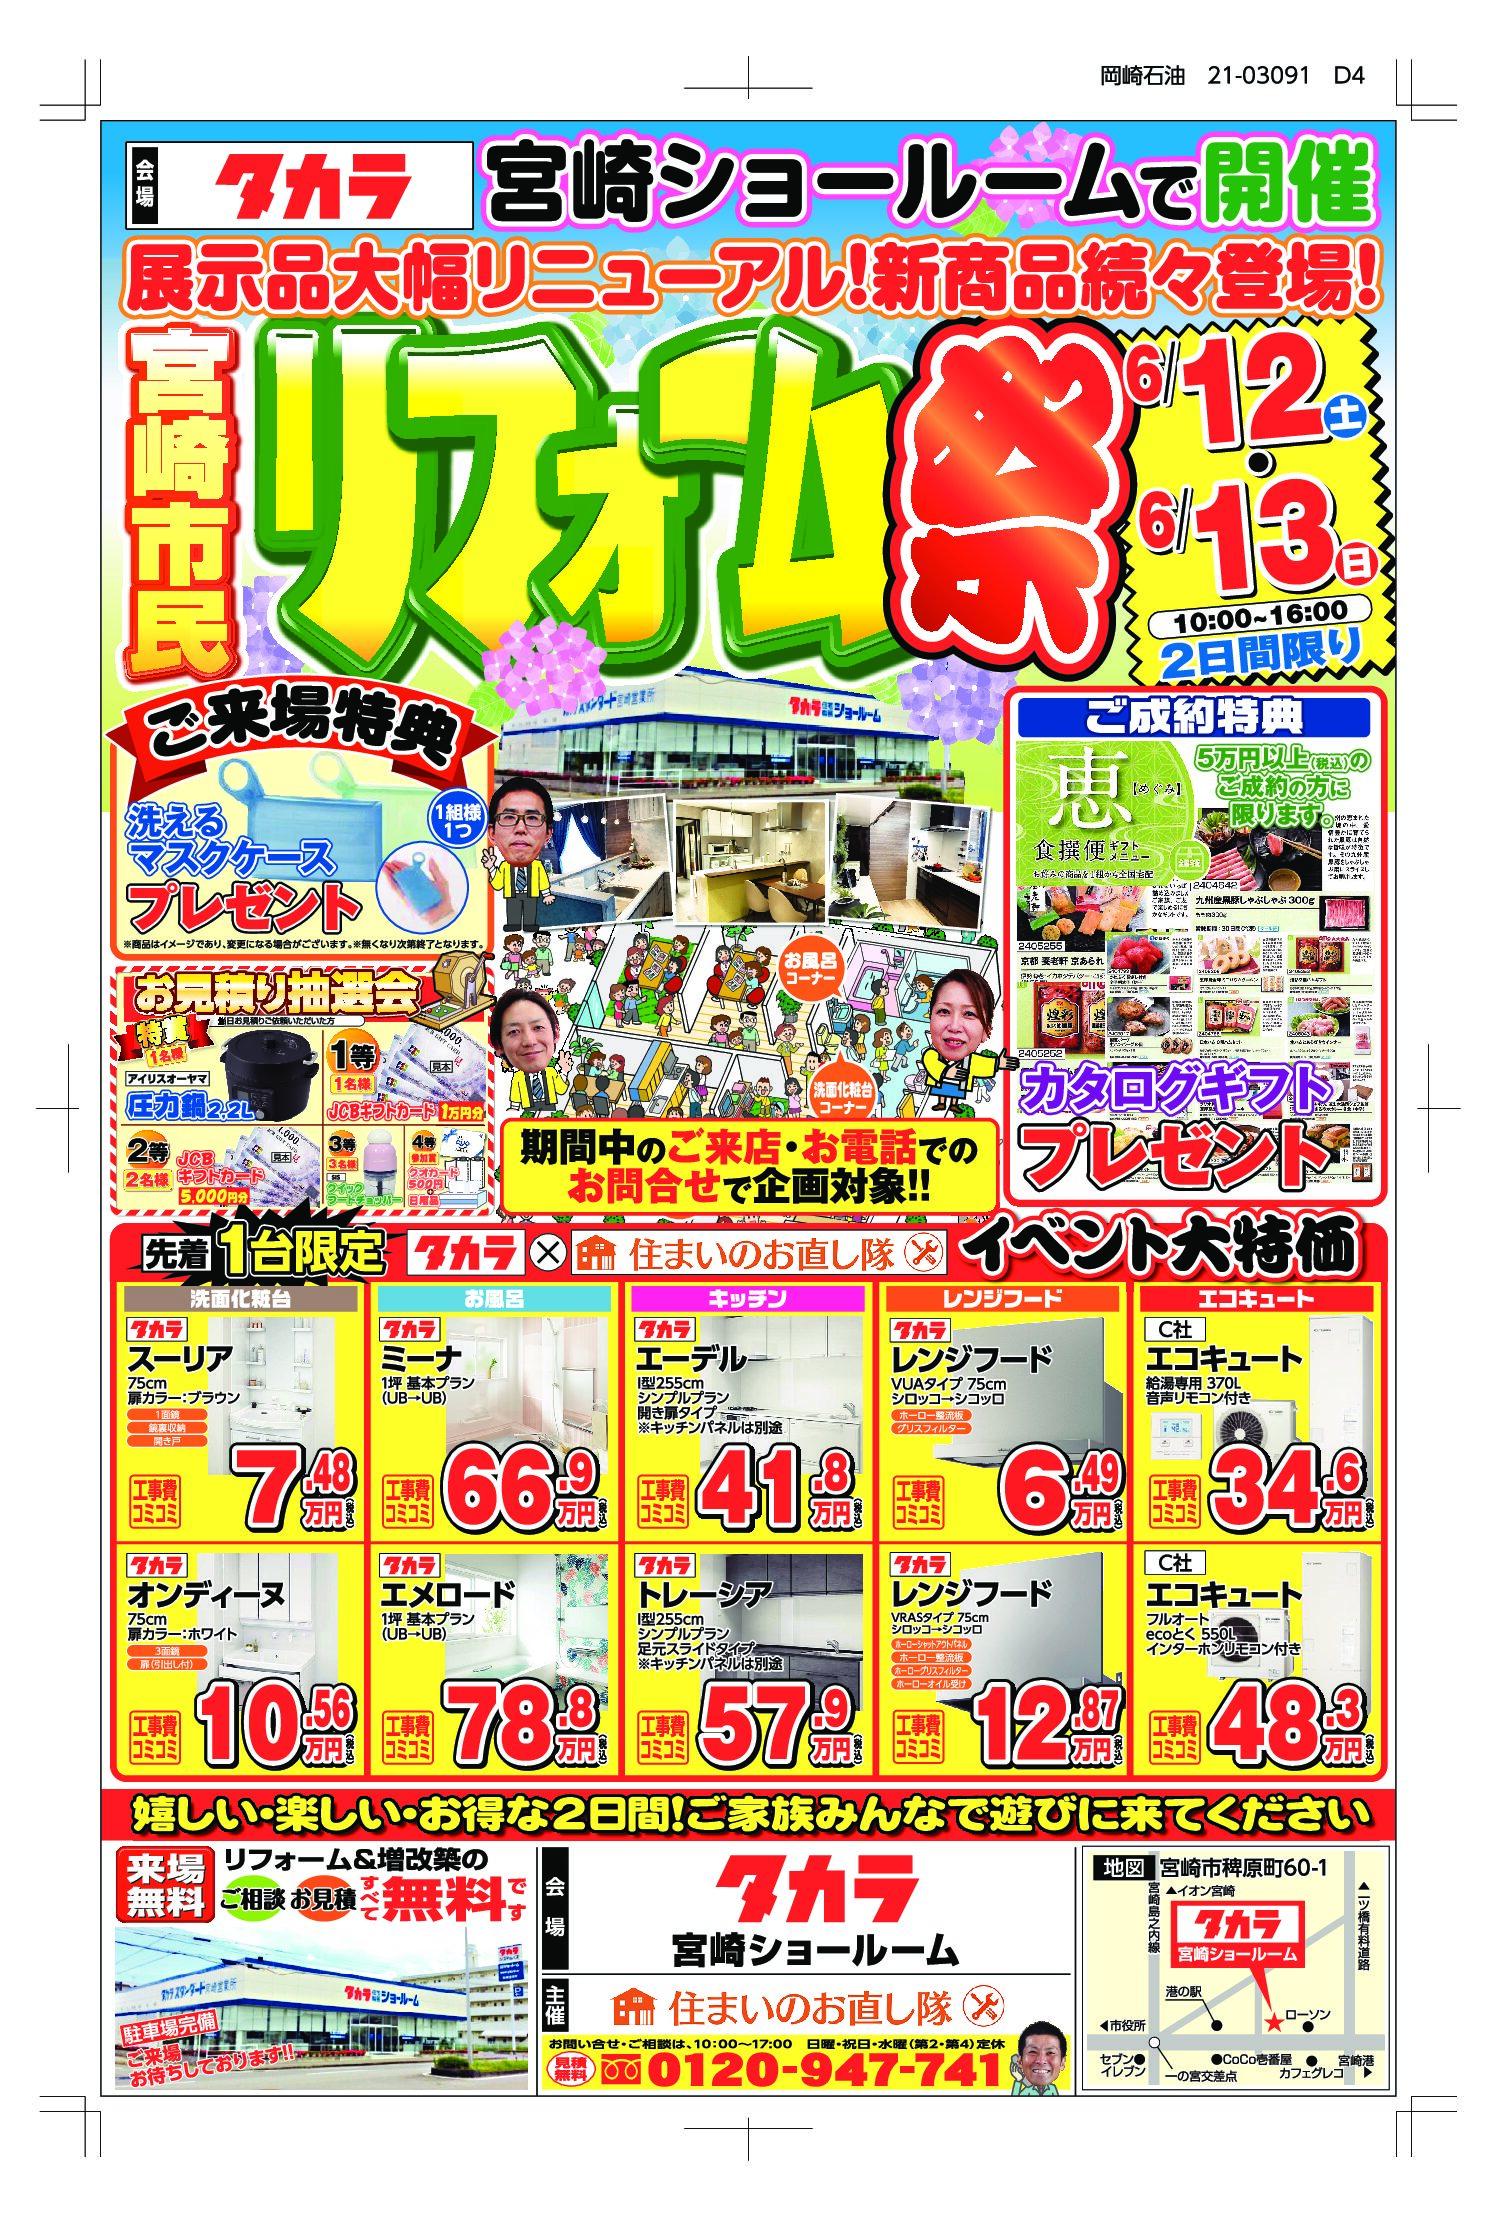 2021年宮崎市民リフォーム祭 in タカラ宮崎ショールーム 6月12日・13日